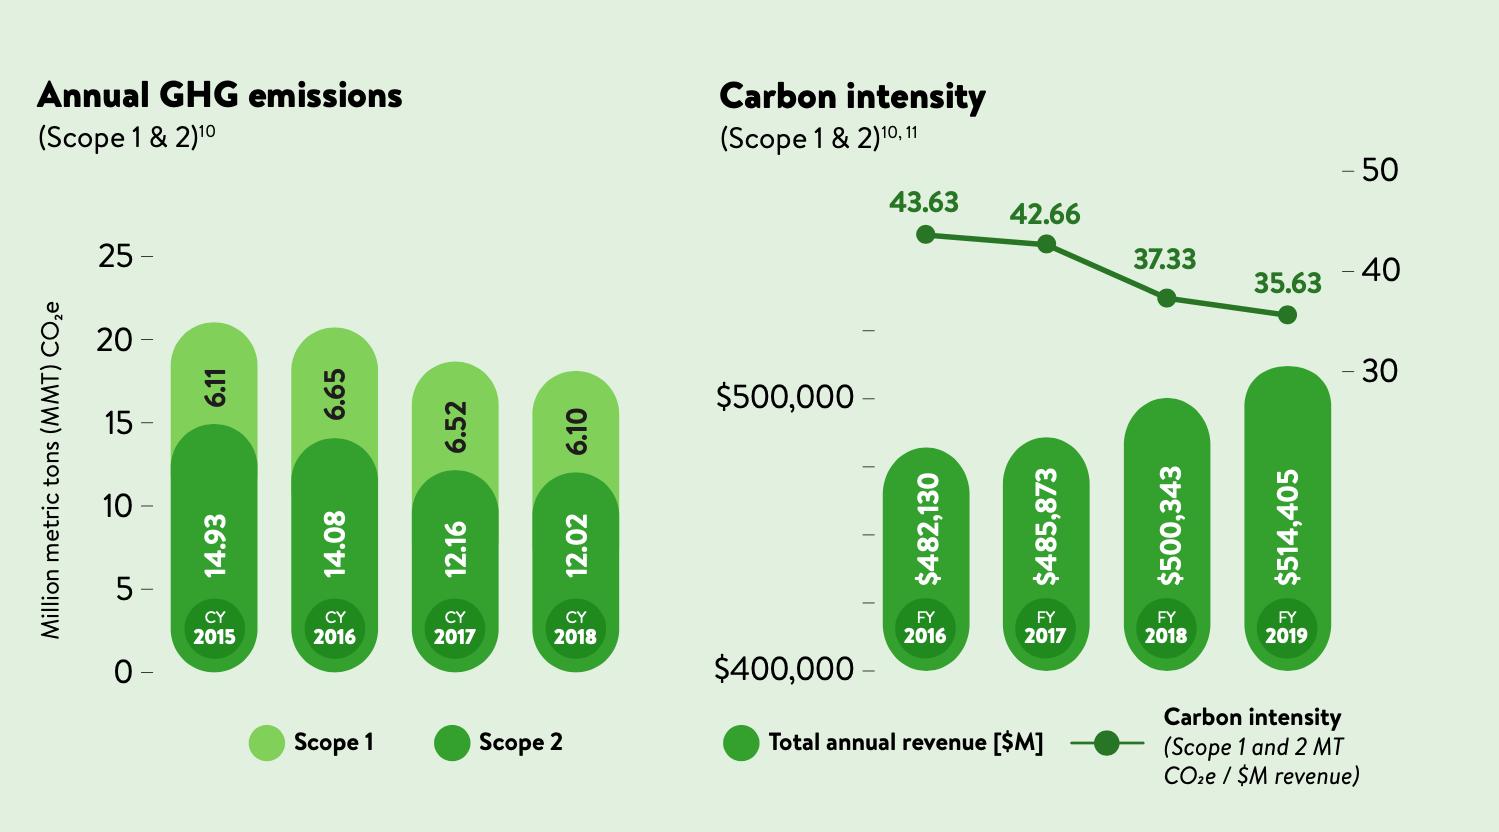 Annual GHG emissions